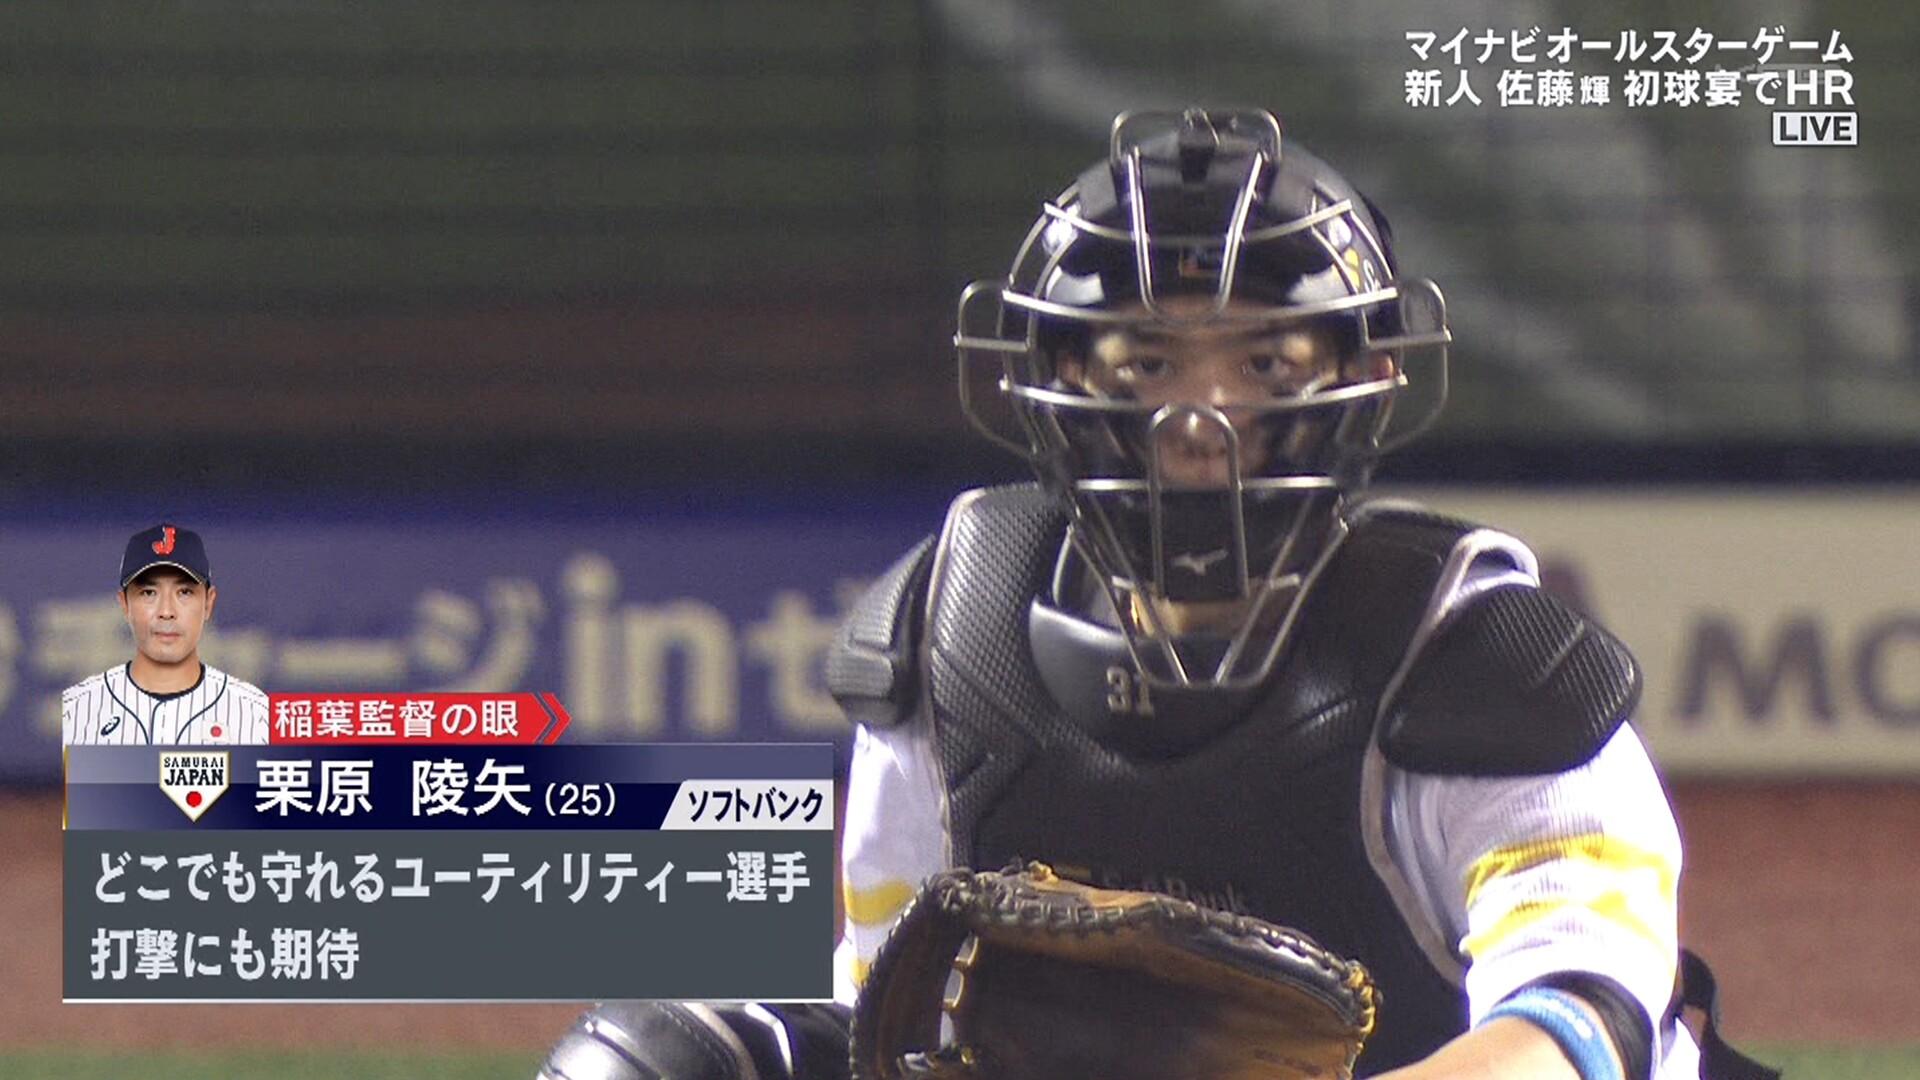 ソフトバンク・栗原、オールスター史上初4ポジションで出場! 一塁→三塁→レフト→捕手